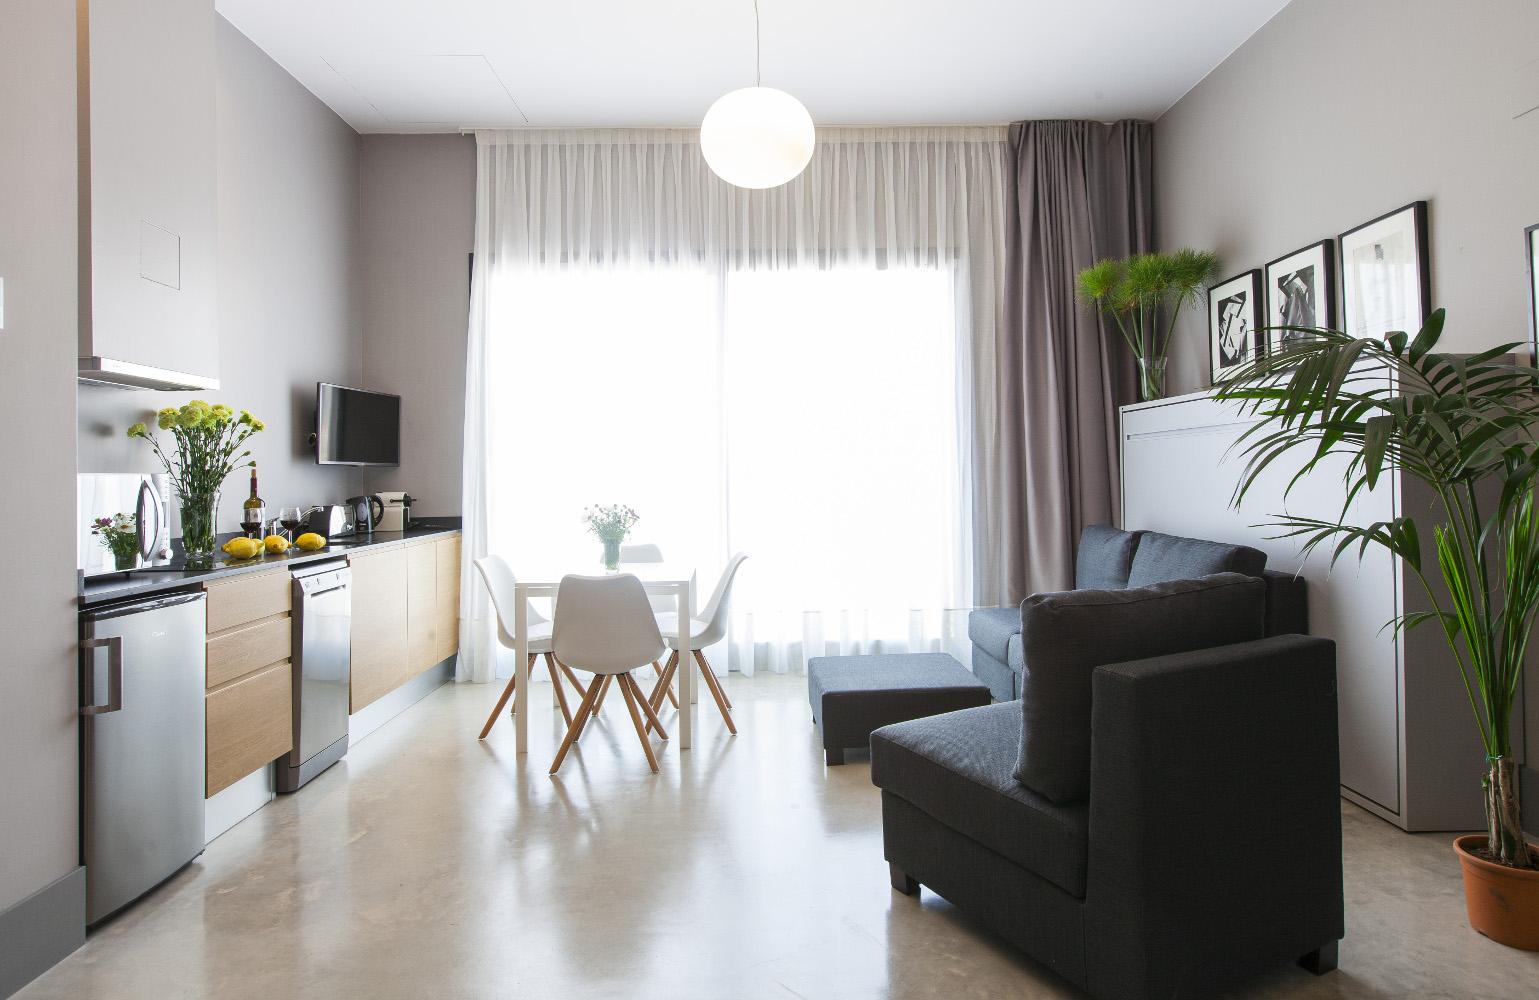 Kare no by aspasios apartamentos en sitges cerca de la playa - Apartamentos mediterraneo sitges ...